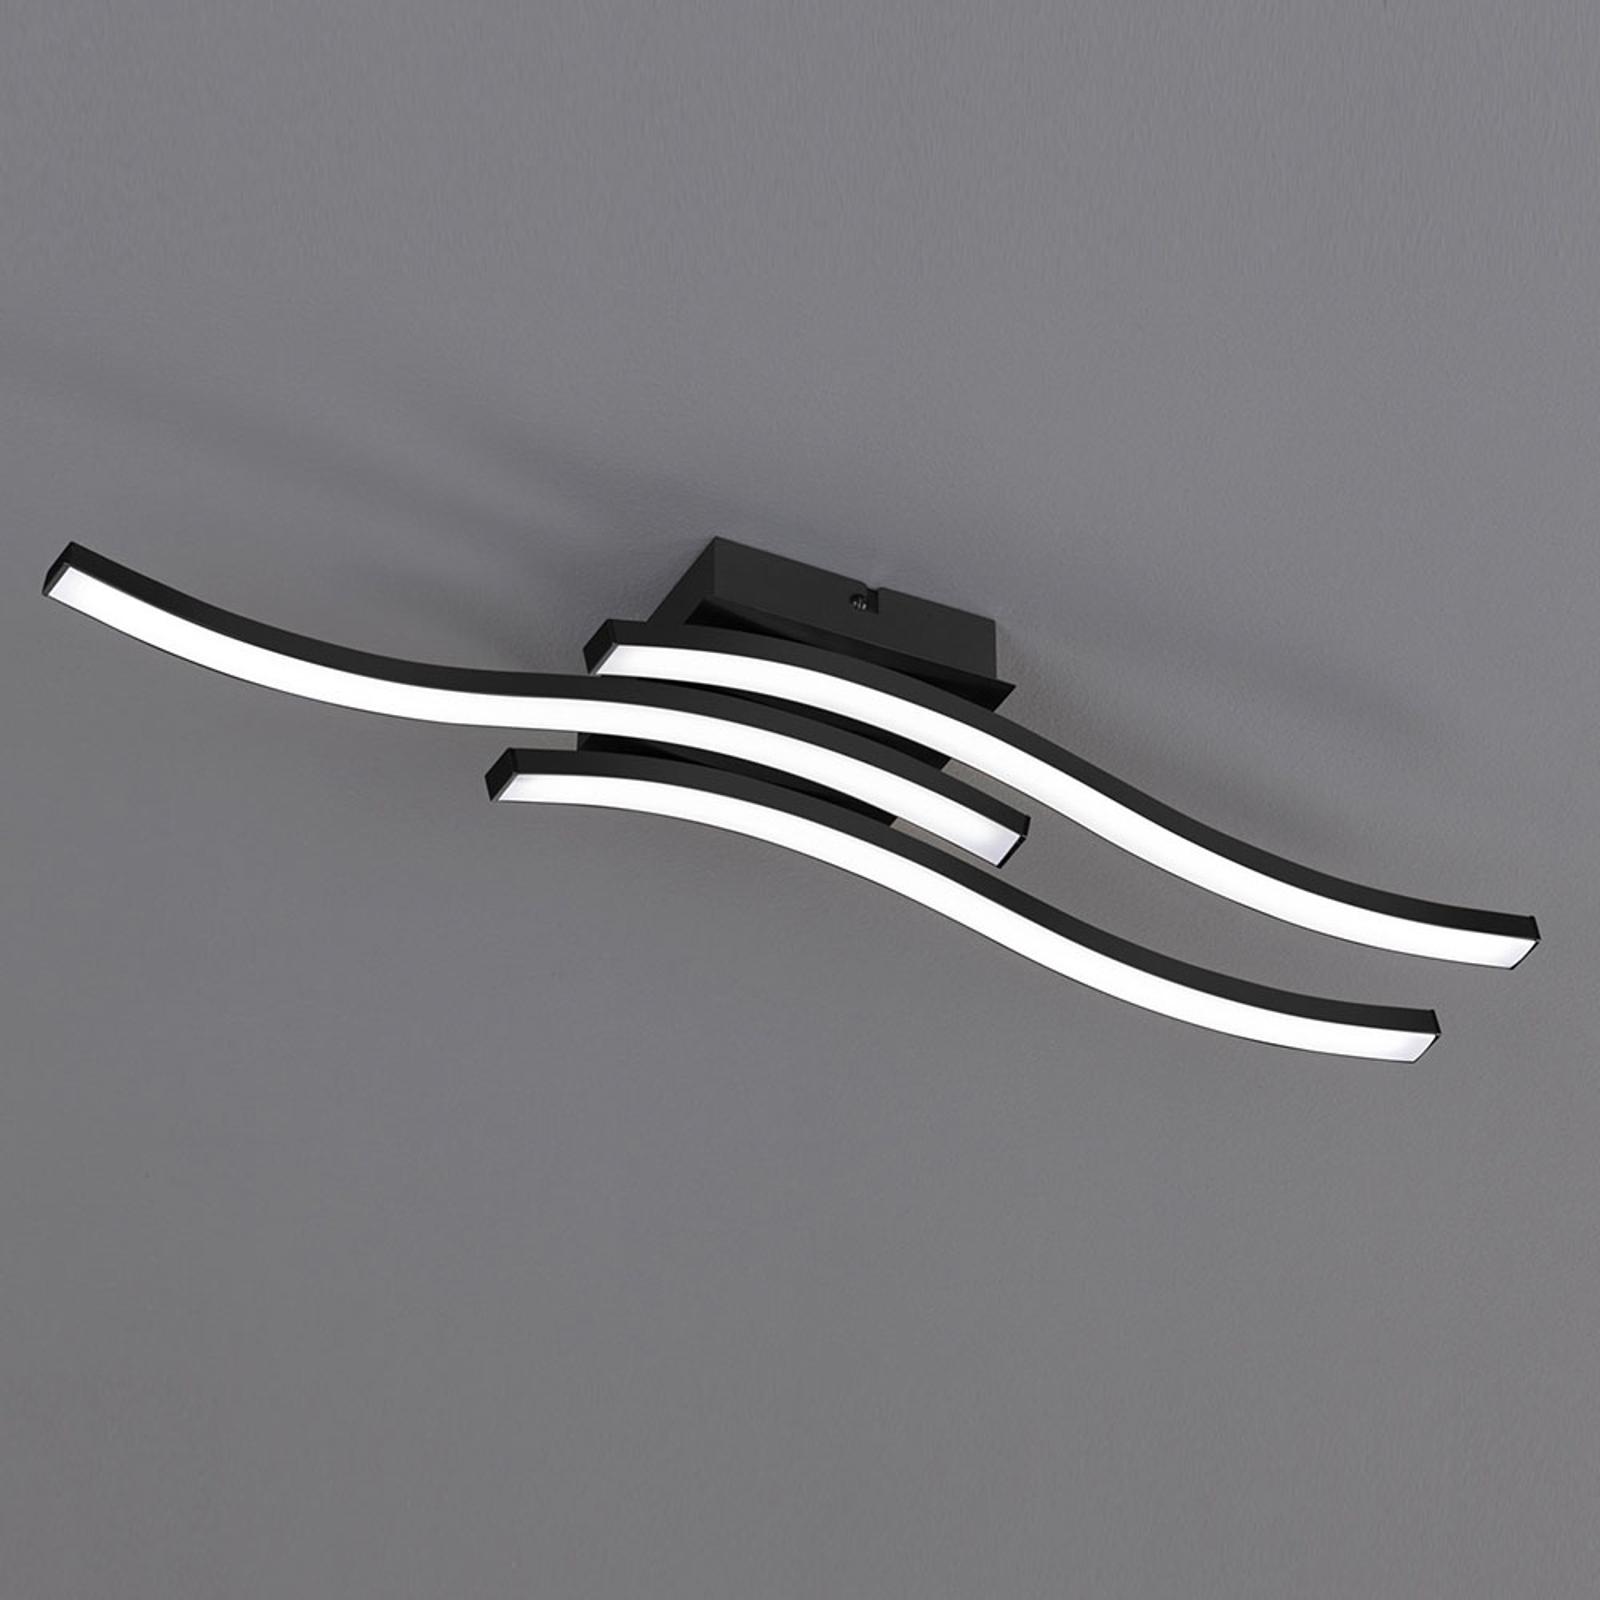 LED-kattovalaisin Route musta, kolmilamppuinen